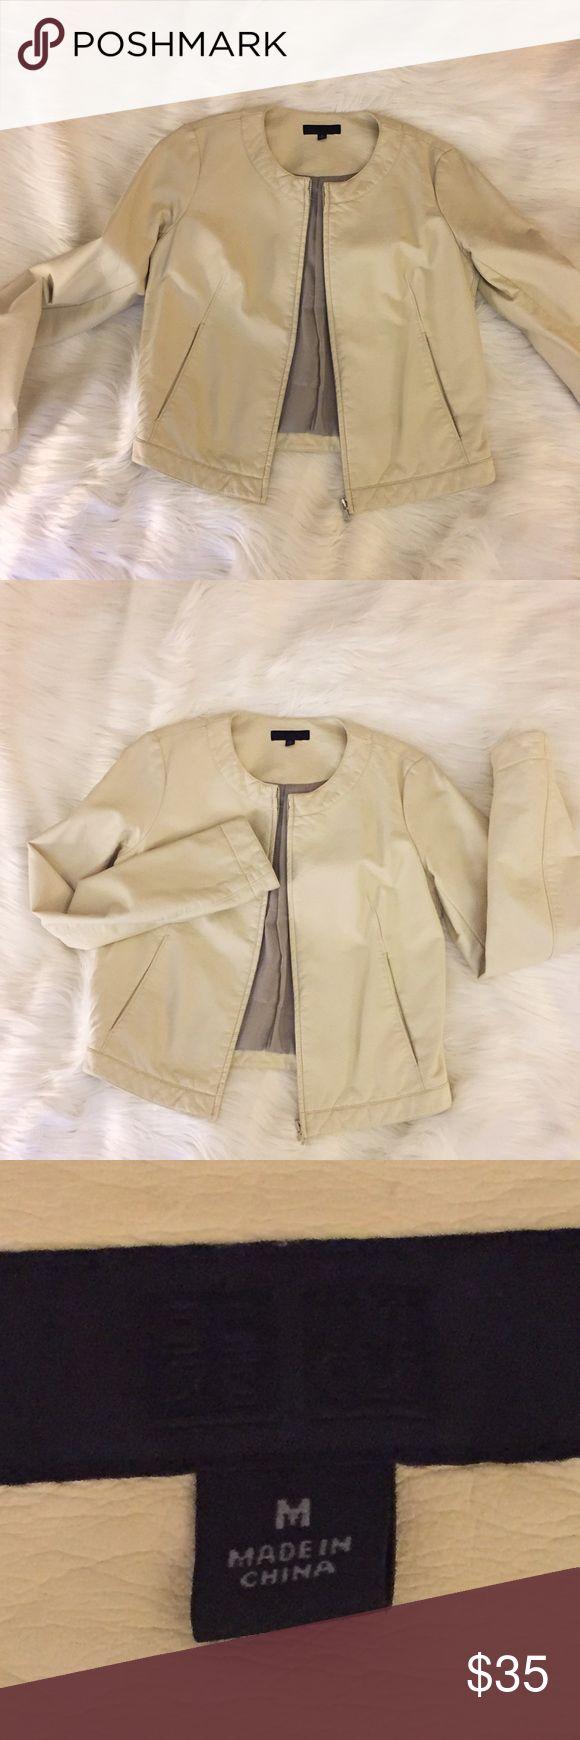 Leather jacket uniqlo - Uniqlo Vegan Leather Jacket Beige Medium